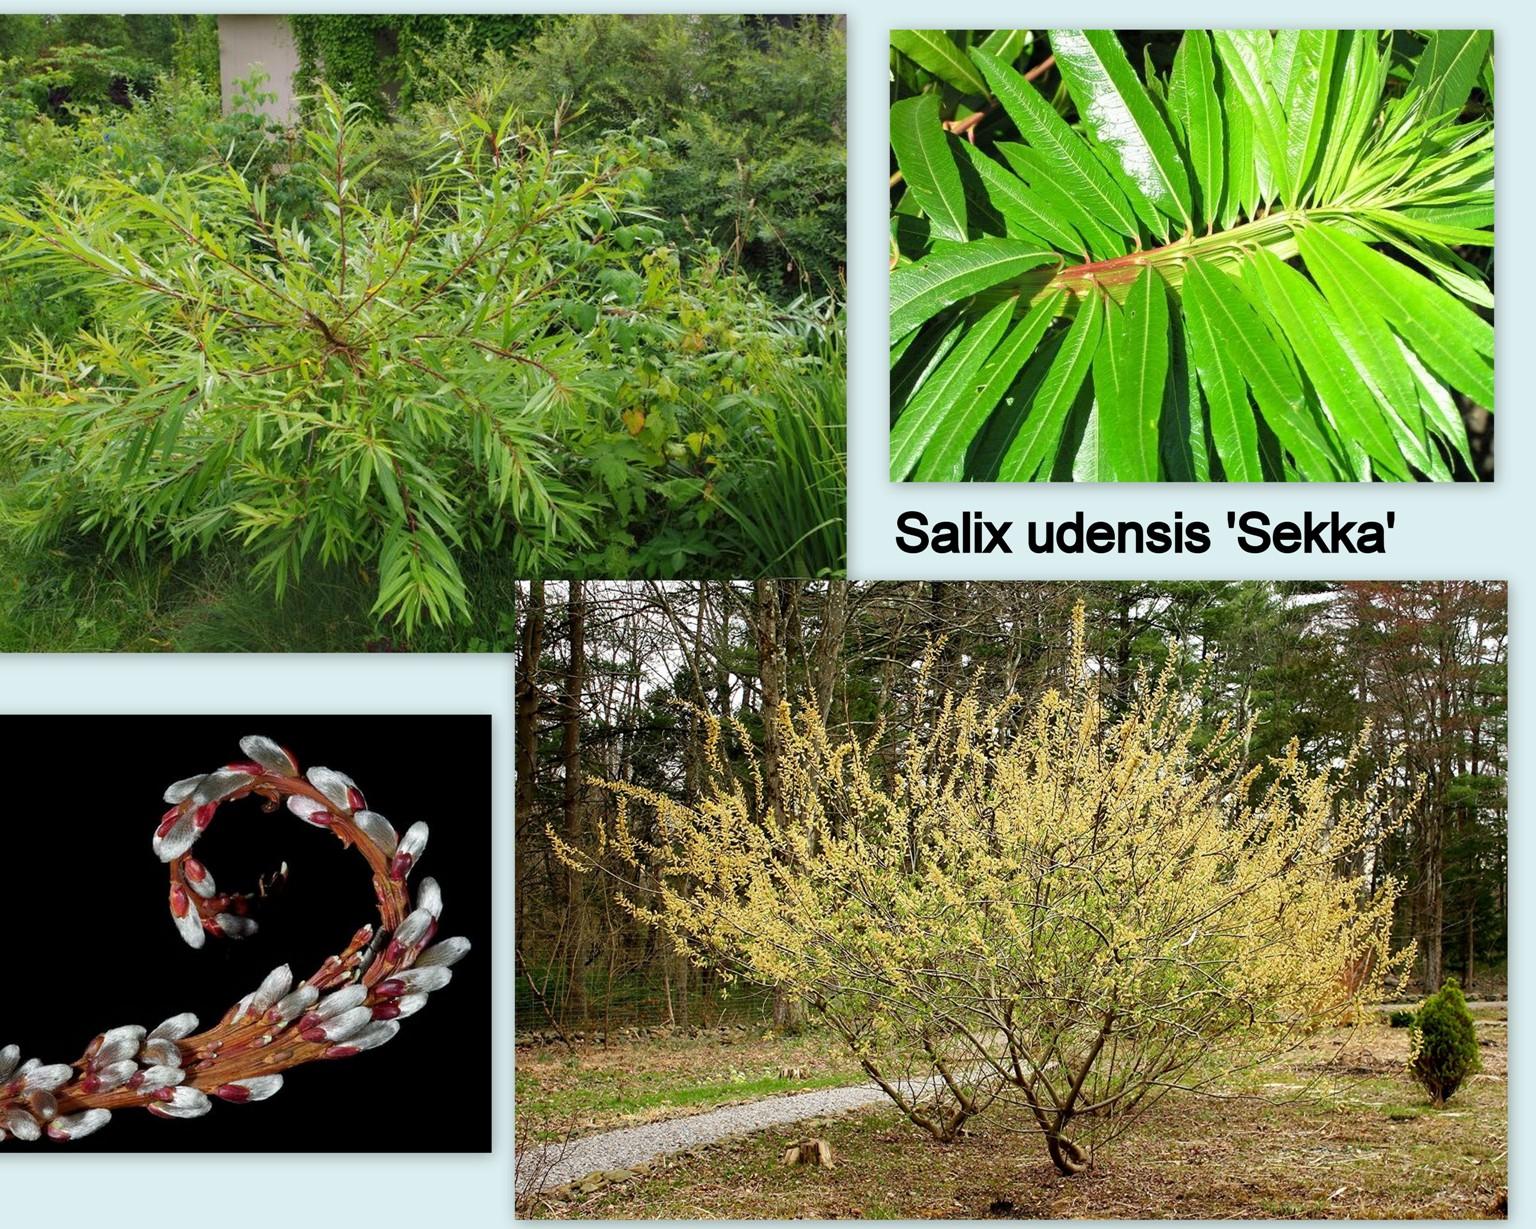 Salix udensis 'Sekka'